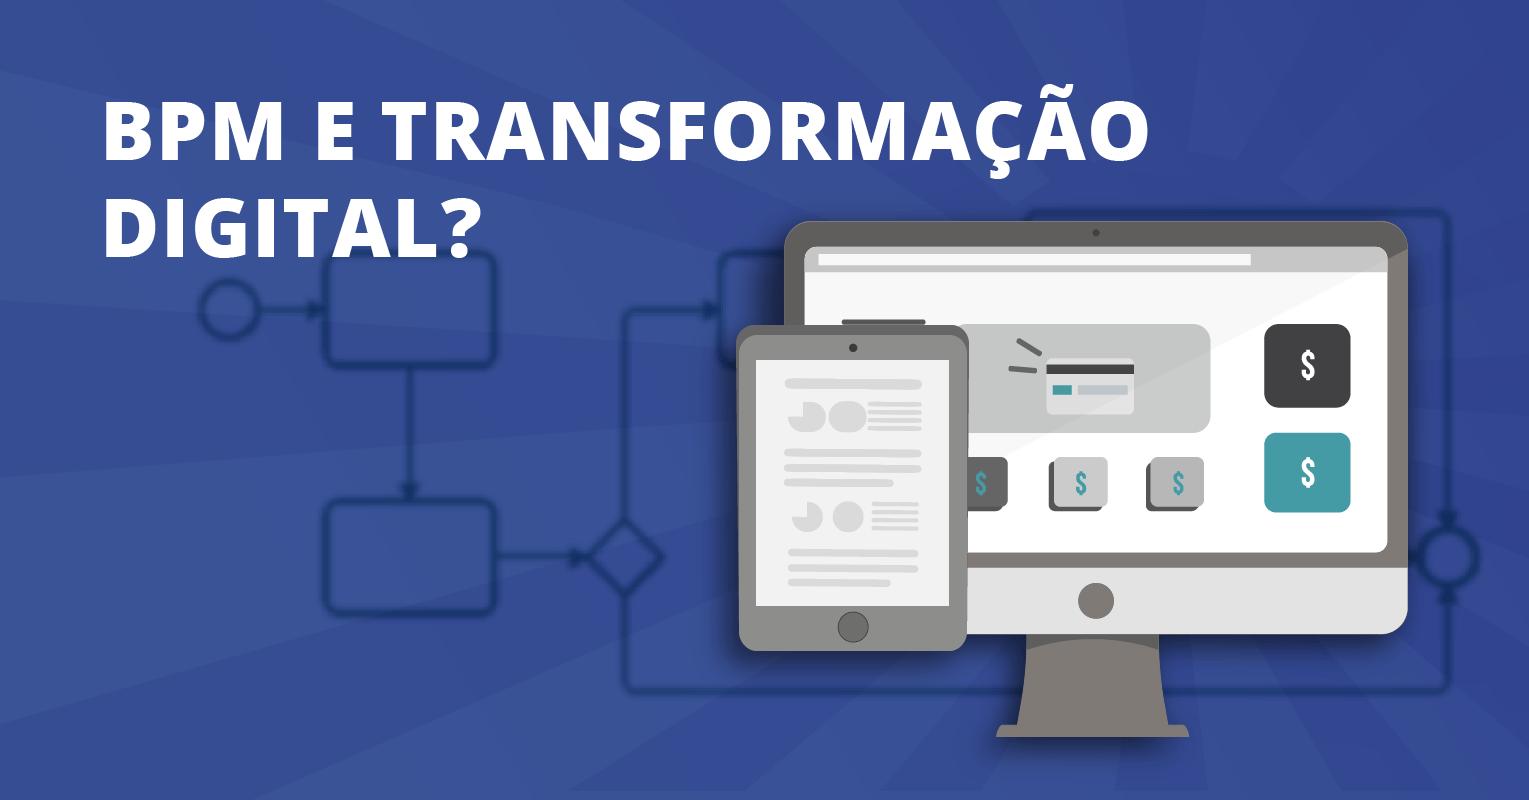 BPM e transformação digital?